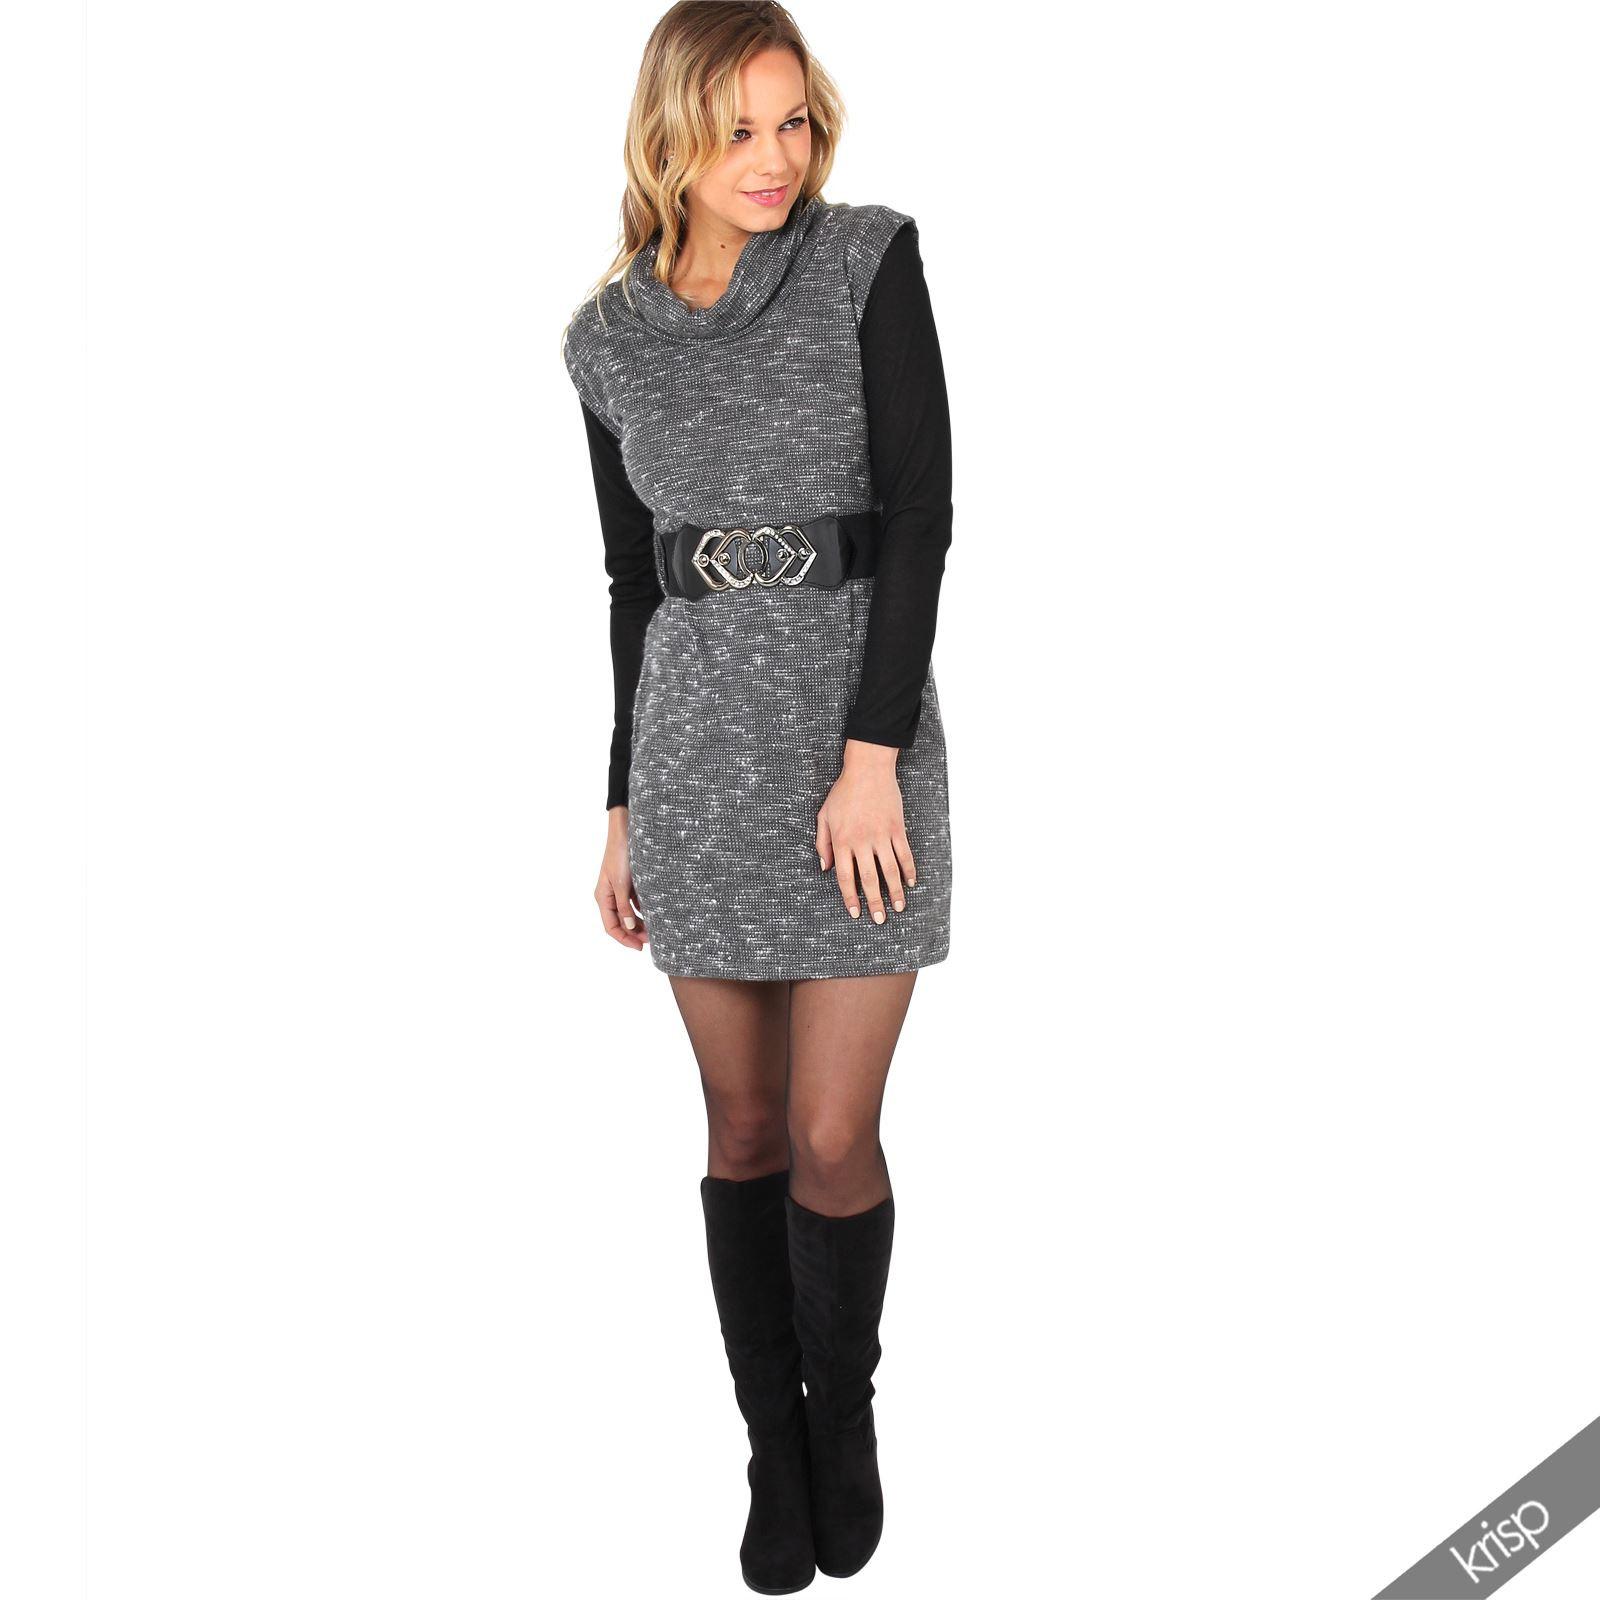 Damen Rollkragen Strickkleid Stretch Gürtel Mini Kleid